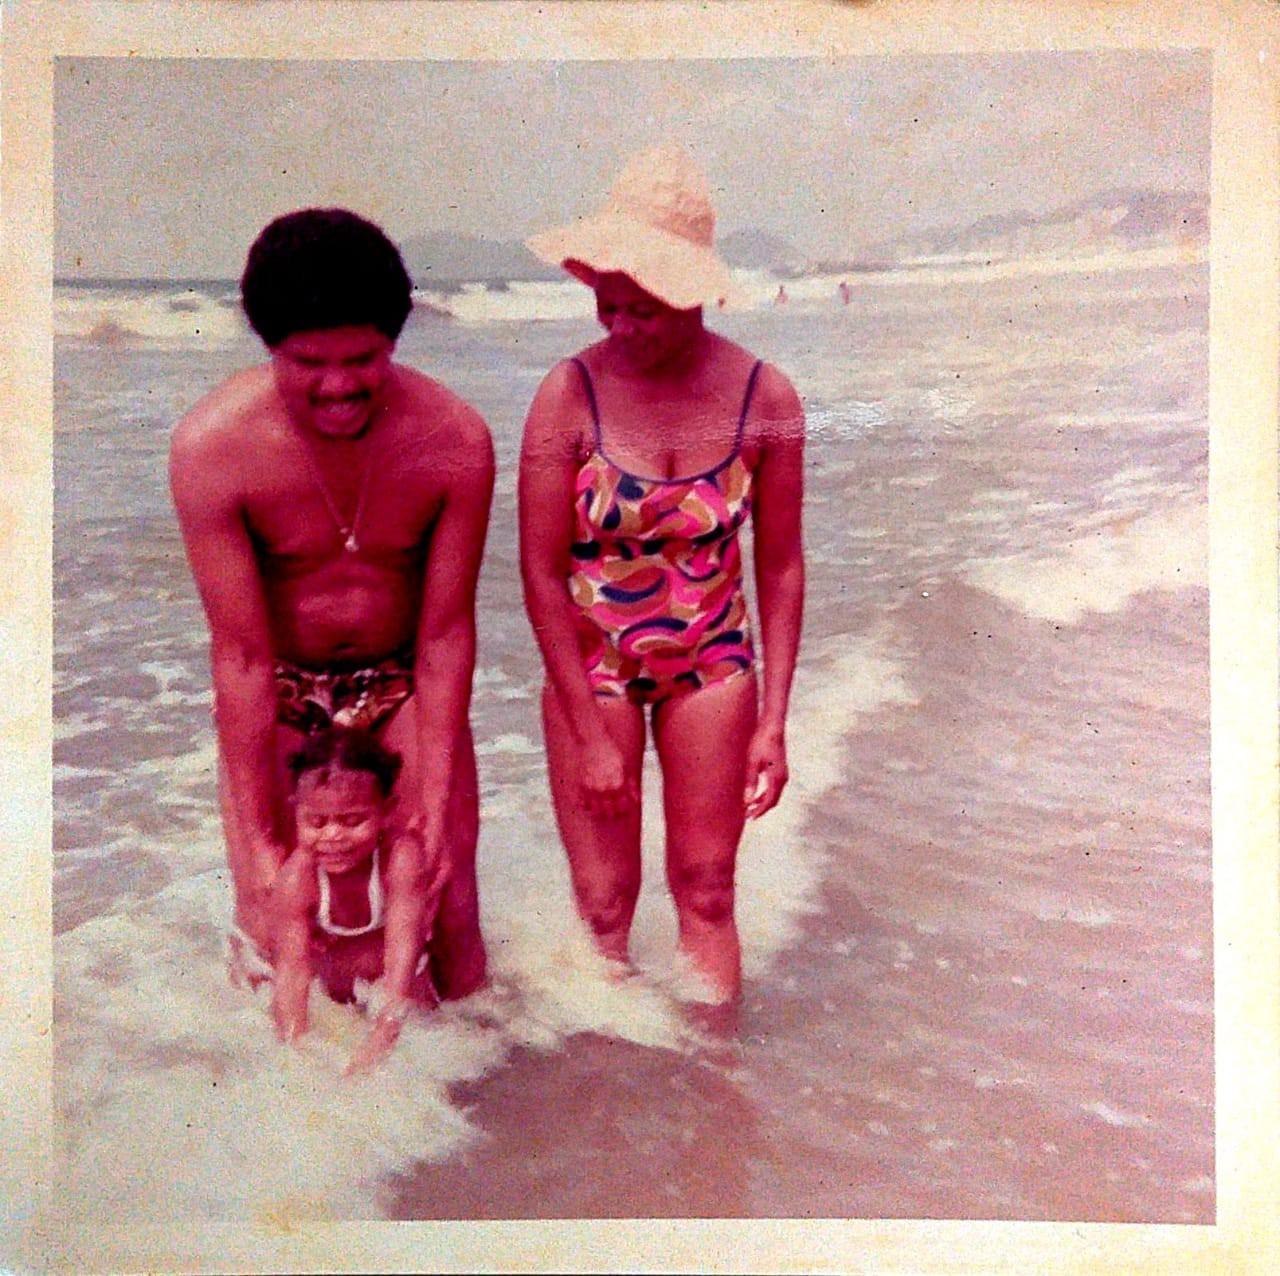 Alessandra bebê com o pai e com a mãe na praia - Arquivo pessoal